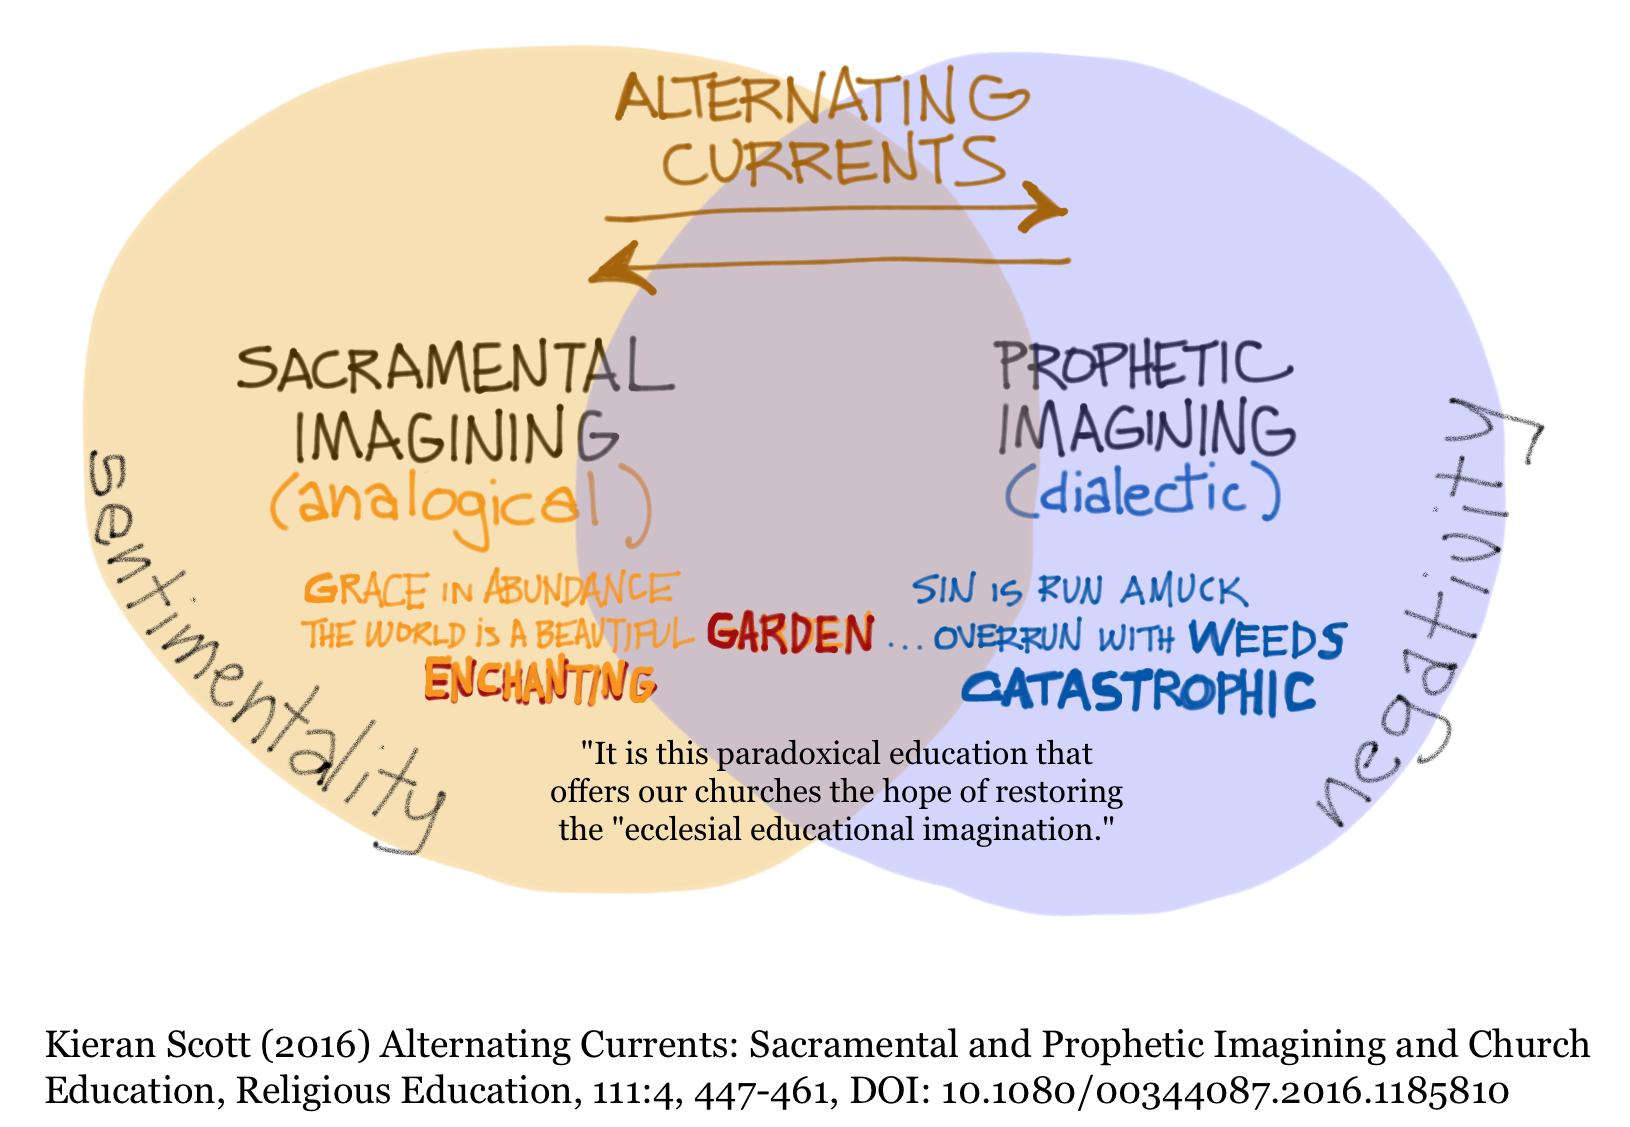 kieran-scott-alternating-currents